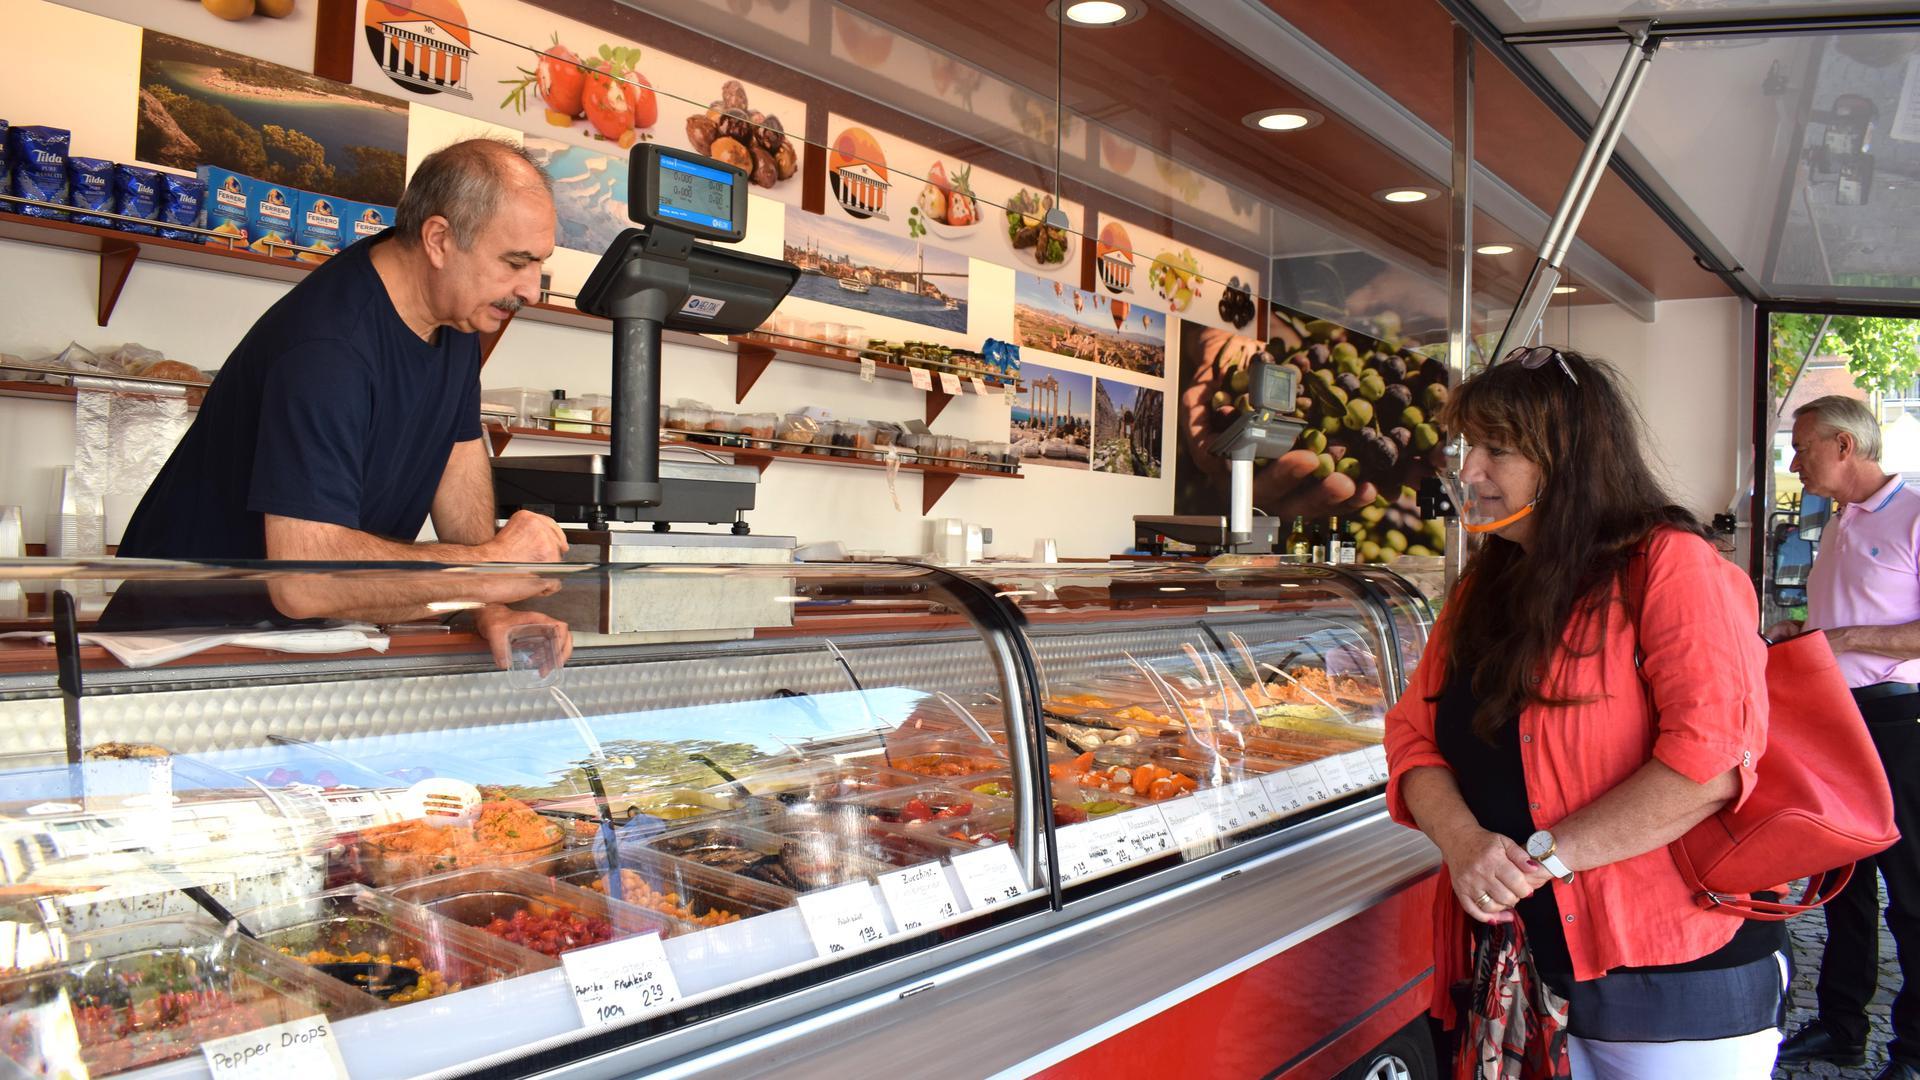 Metin Cetinbas stammt aus der Türkei und kommt seit fast 30 Jahren jeden Dienstag nach Achern, um seine Feinkostwaren zu verkaufen.